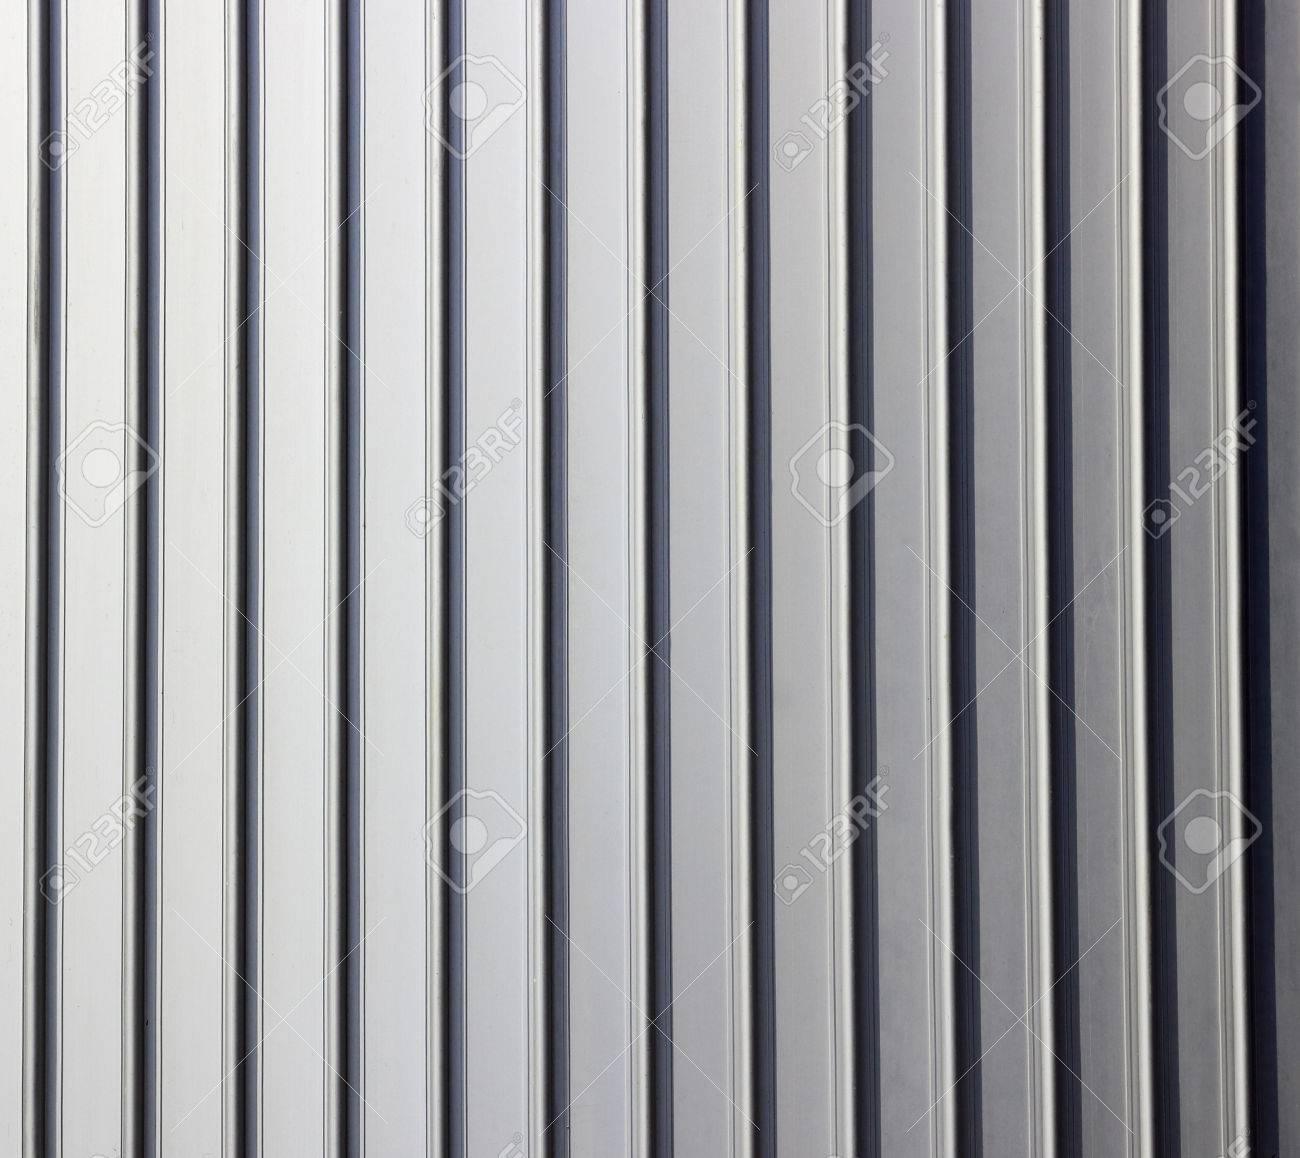 Gris Papier Peint Feuille De Texture Metallique Verticale Banque D